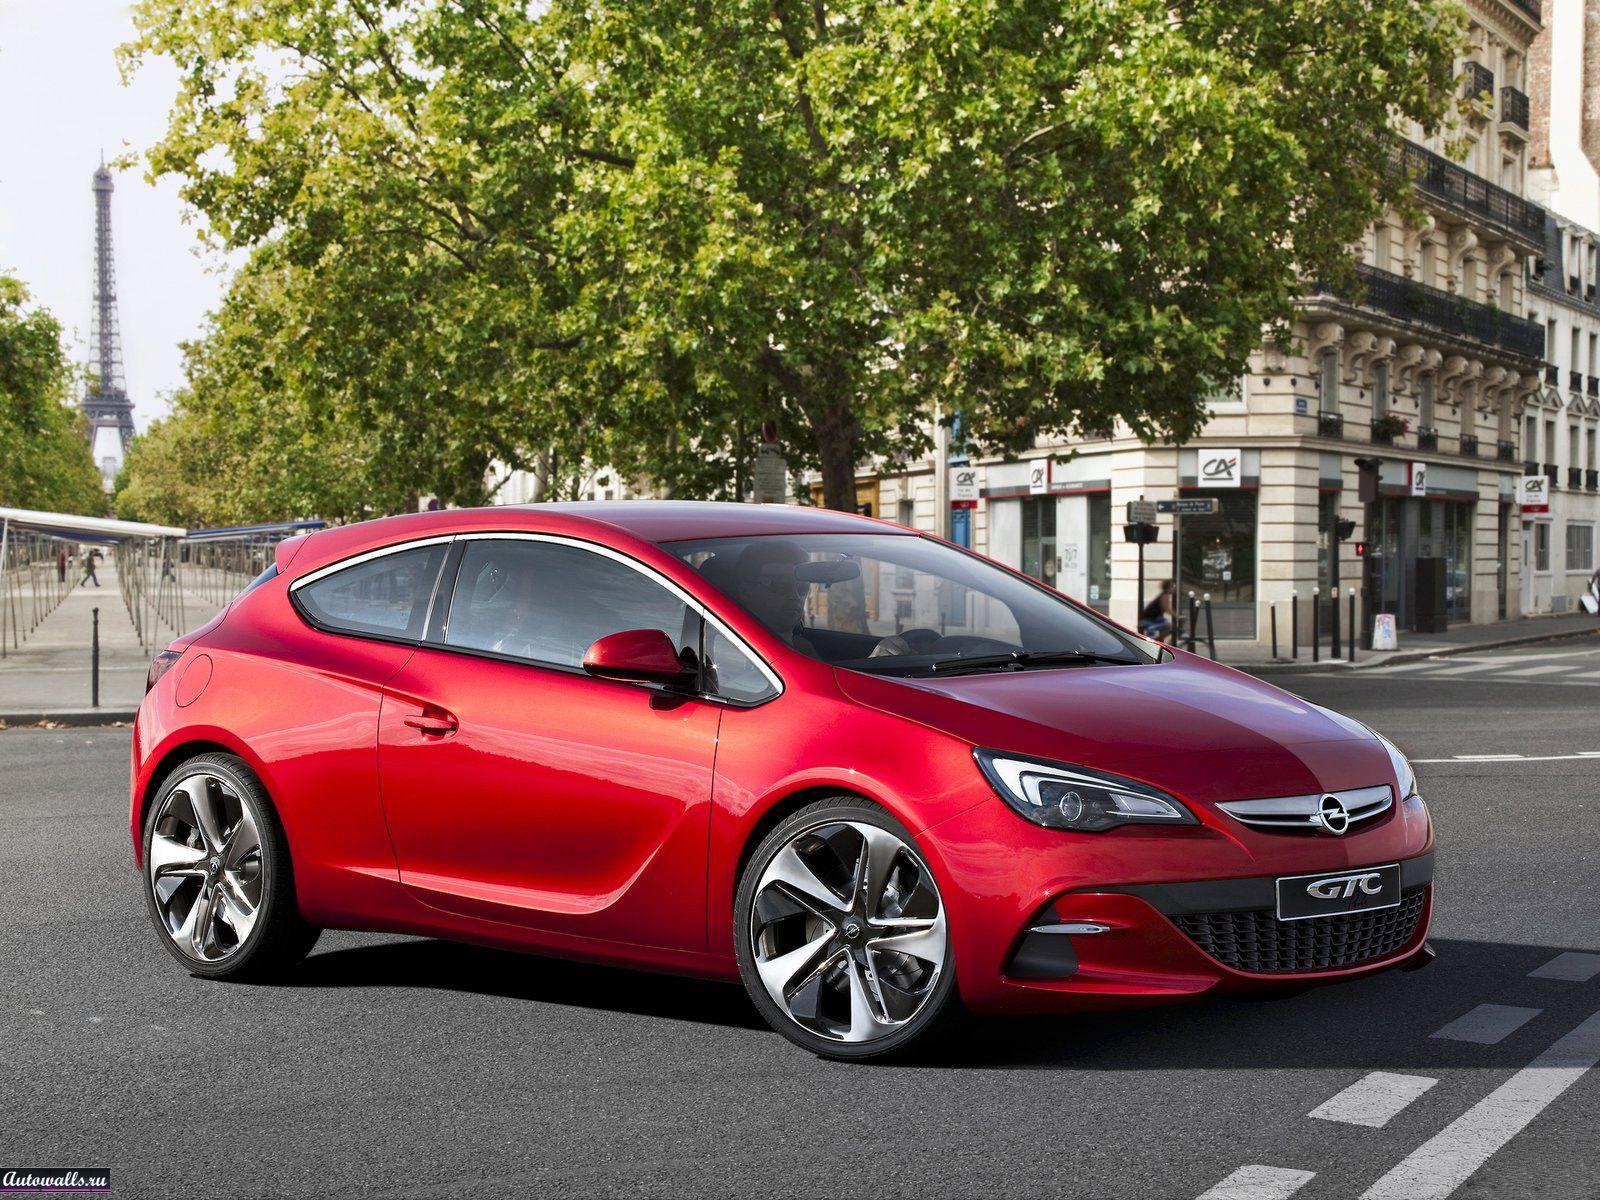 Opel Украина - новые машины Opel, фургоны и коммерческие ...